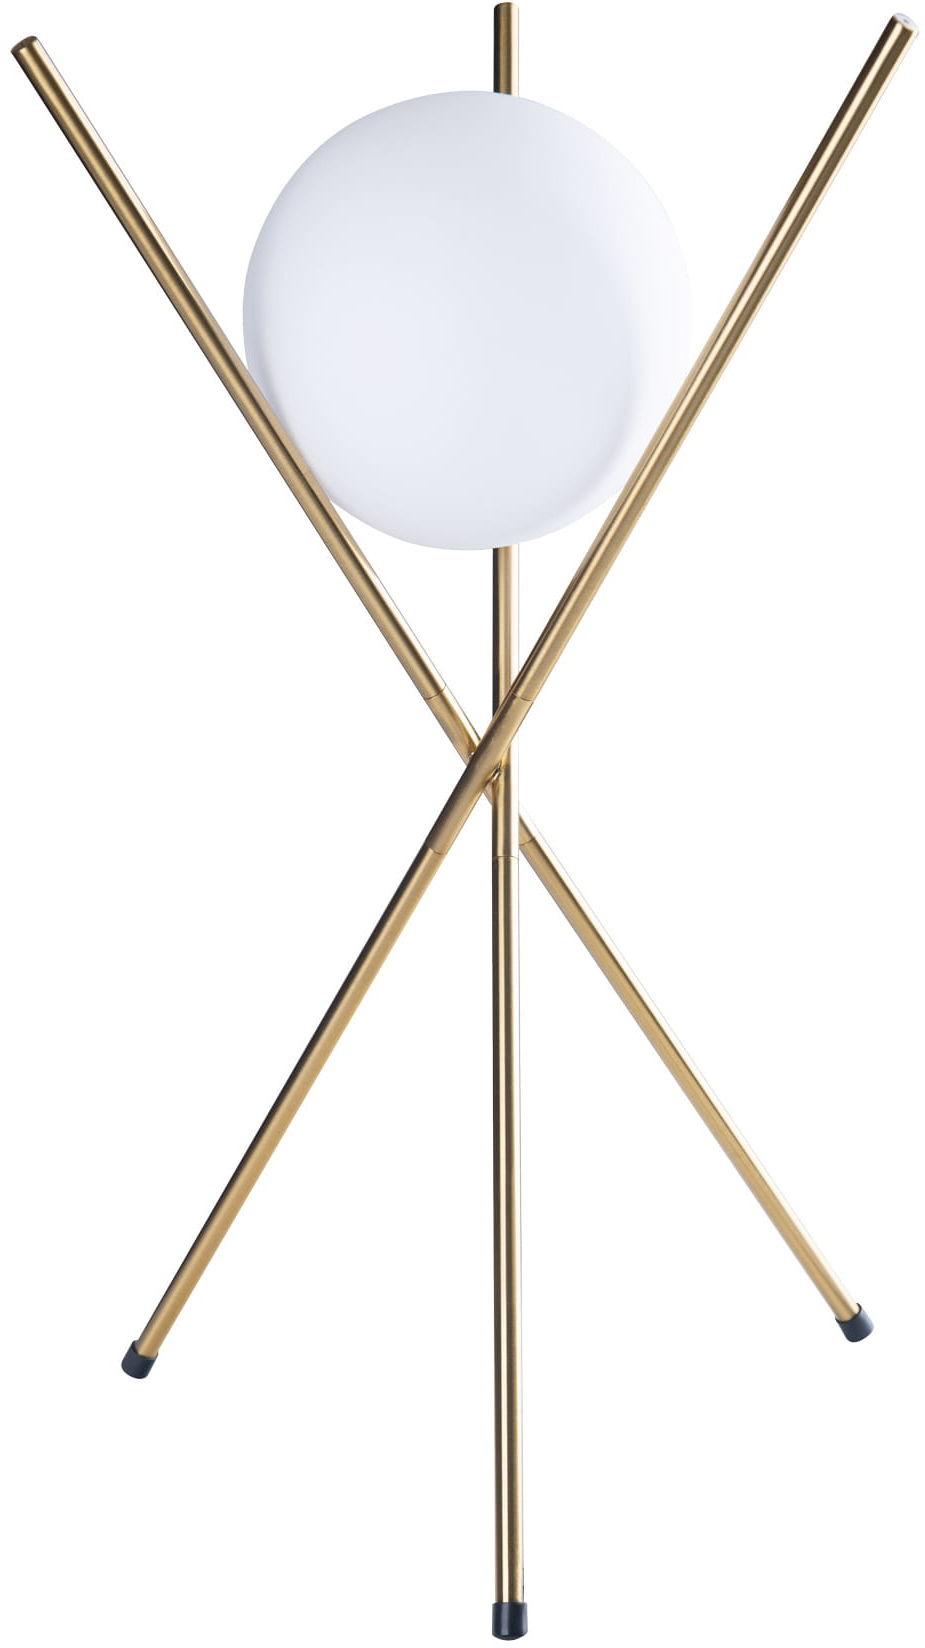 Lampa stołowa XENA T0044 MAXlight nowoczesna oprawa w kolorze mosiądzu